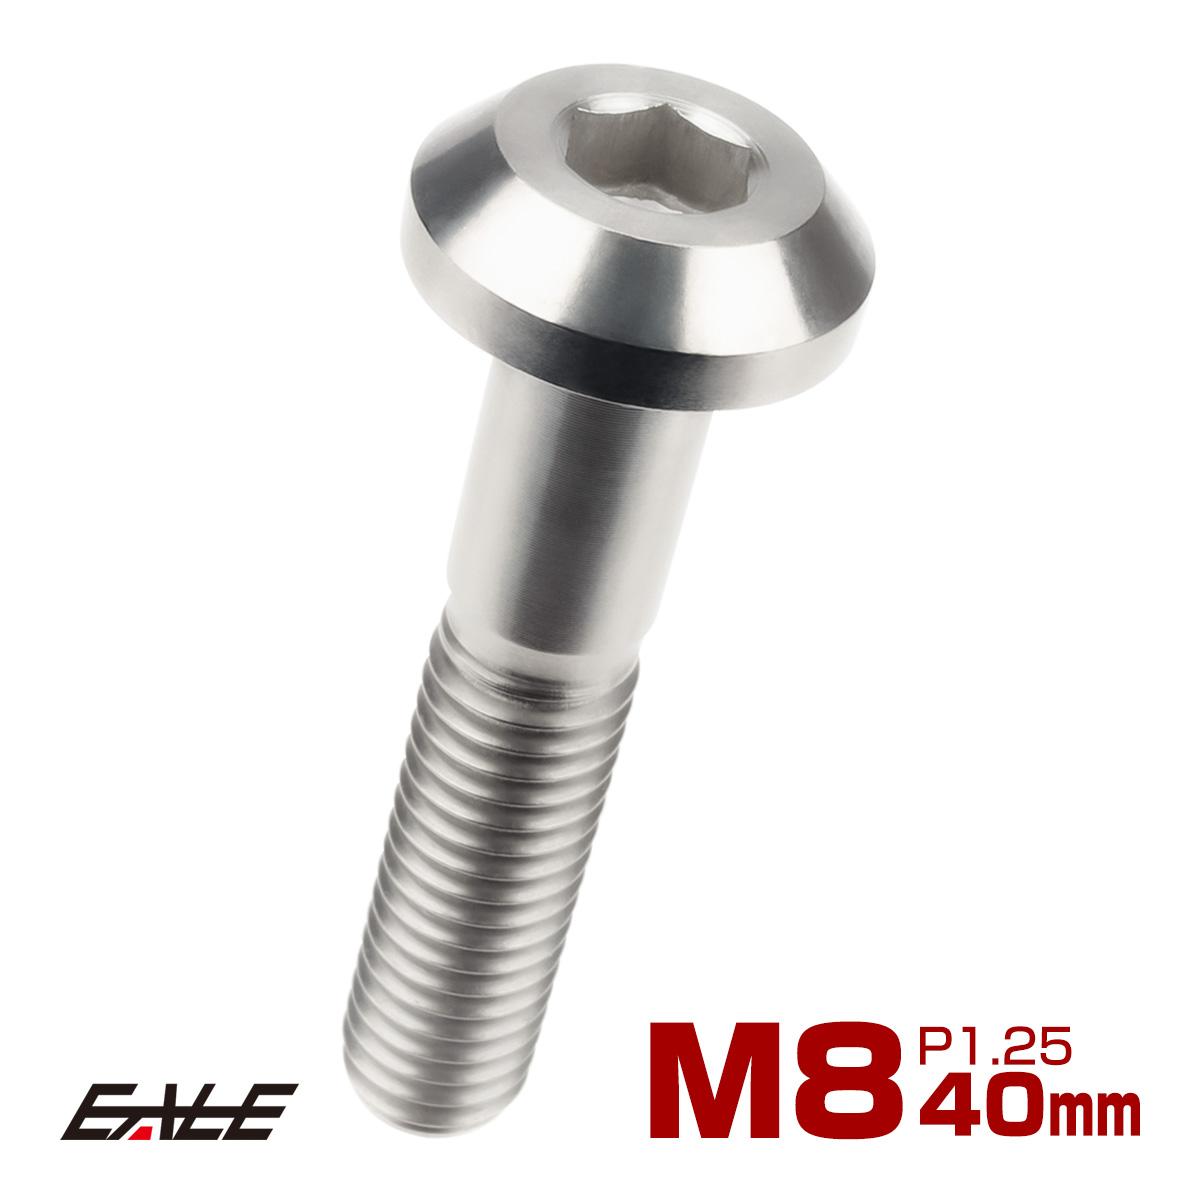 【ネコポス可】 64チタン製 ボタンボルト M8×40mm P1.25 六角穴 テーパーヘッド カスタムボルト シルバー チタン原色 JA760